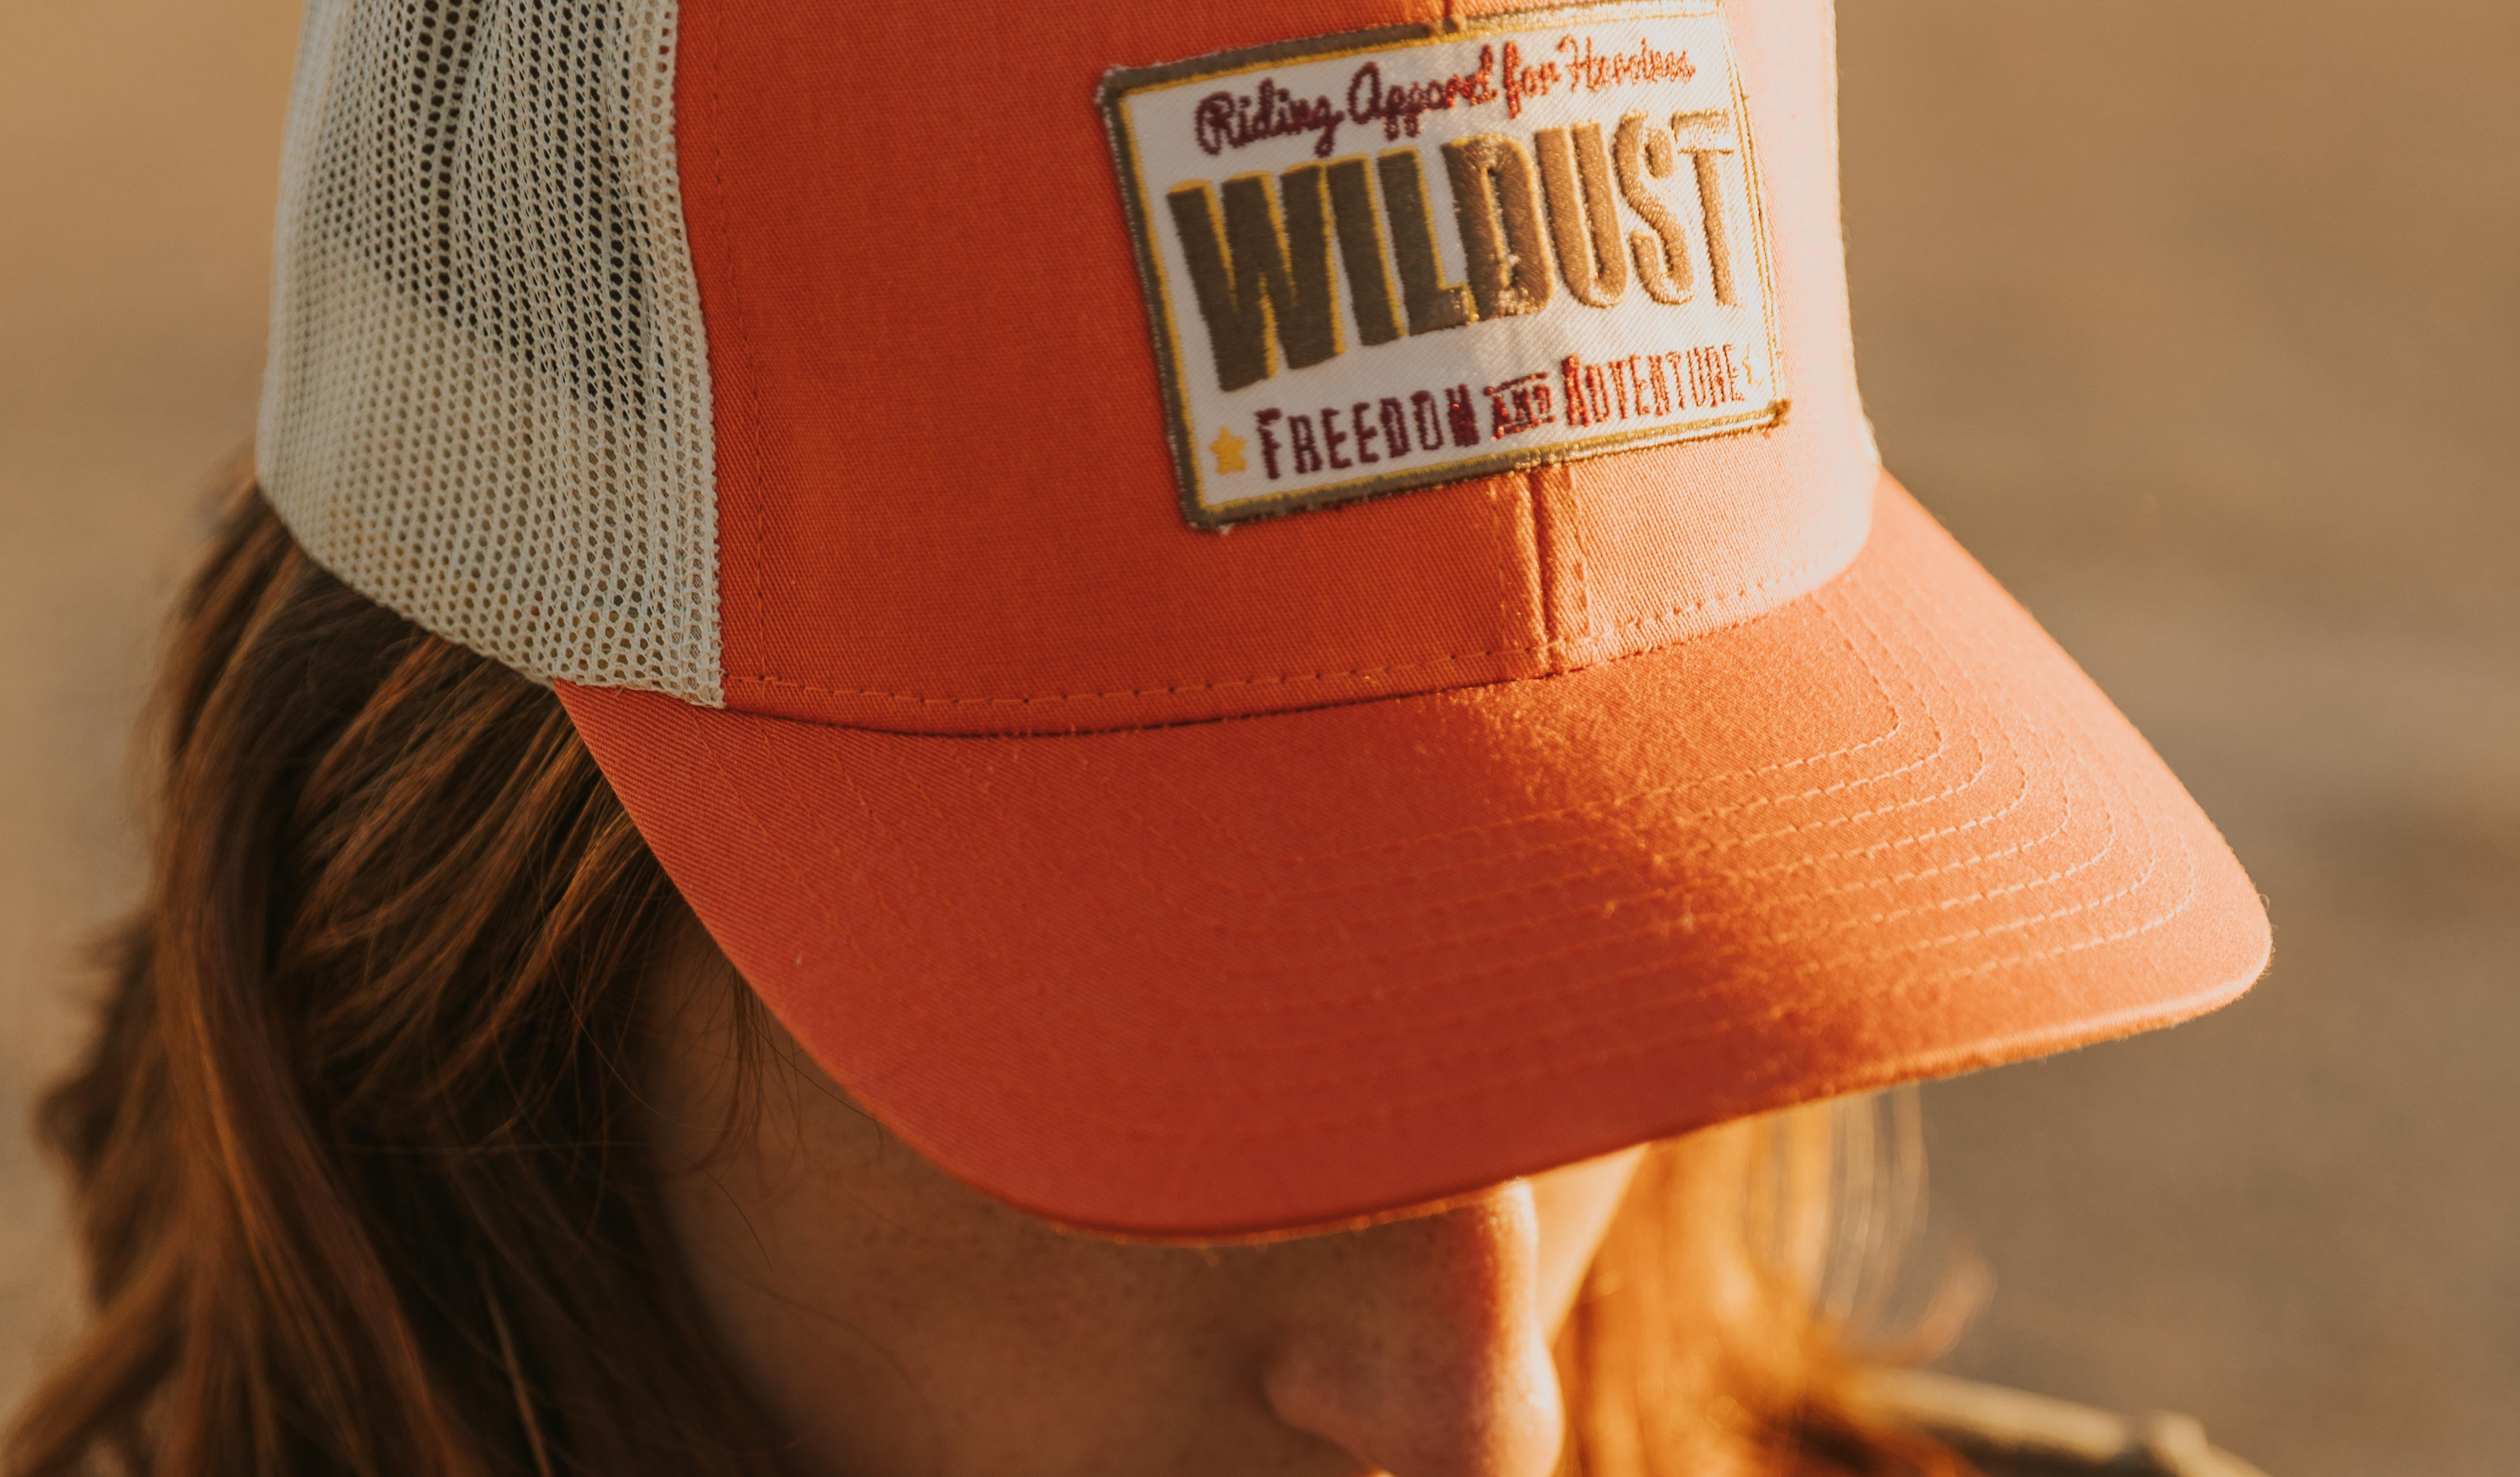 casquette orange moto femme wildust